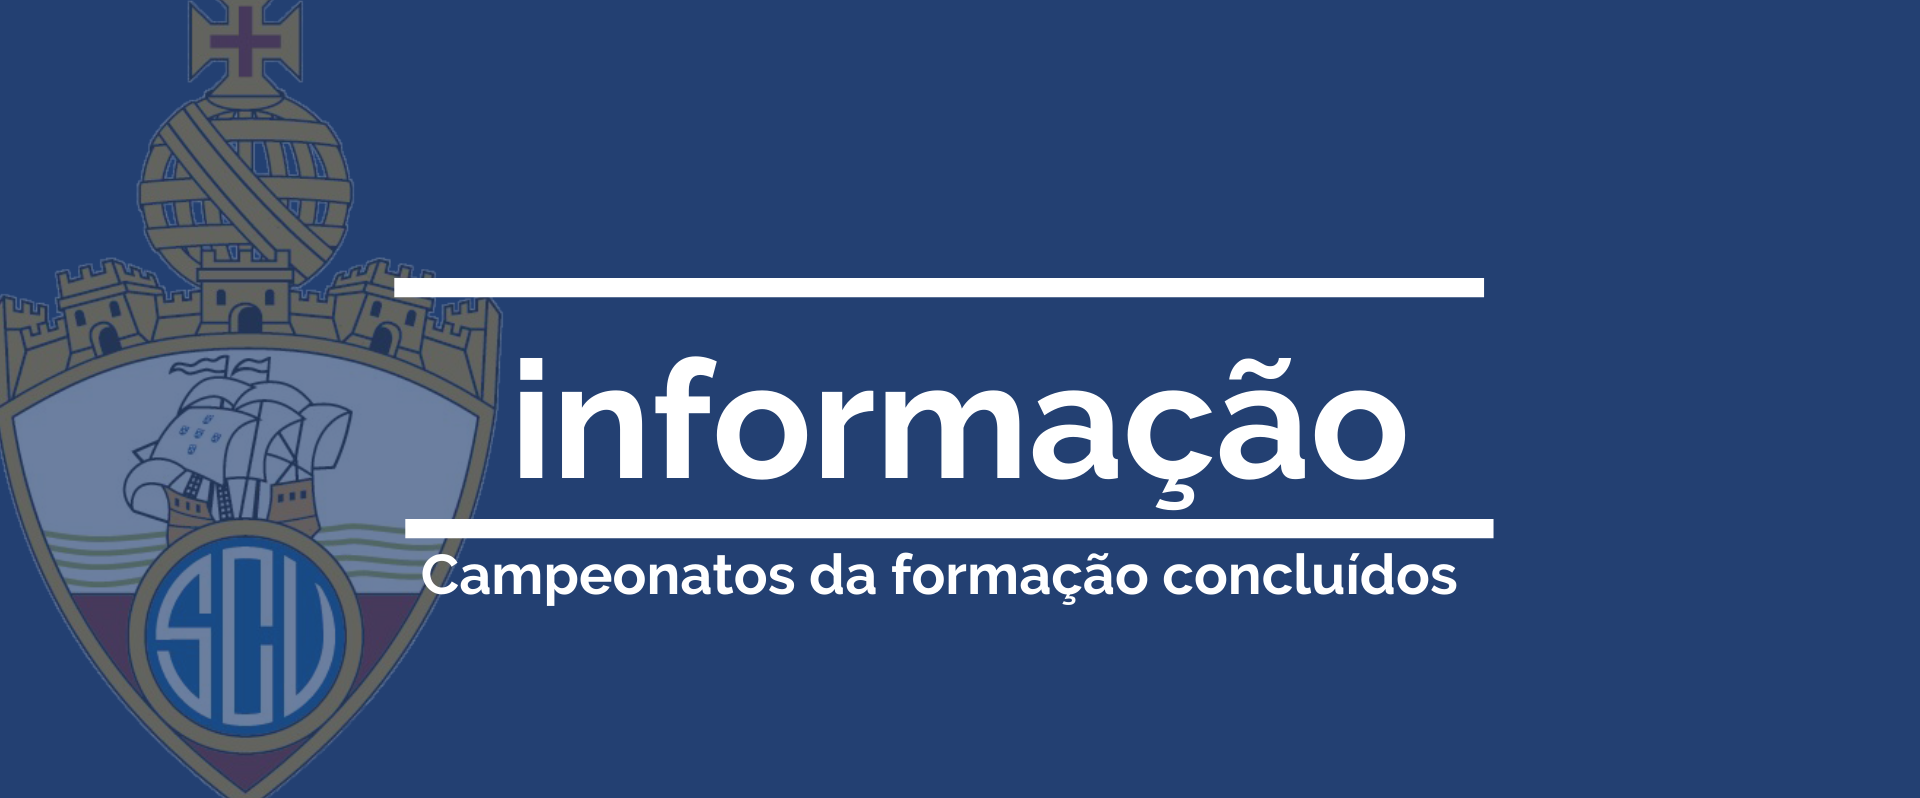 FPF conclui competições nacionais dos escalões de formação!